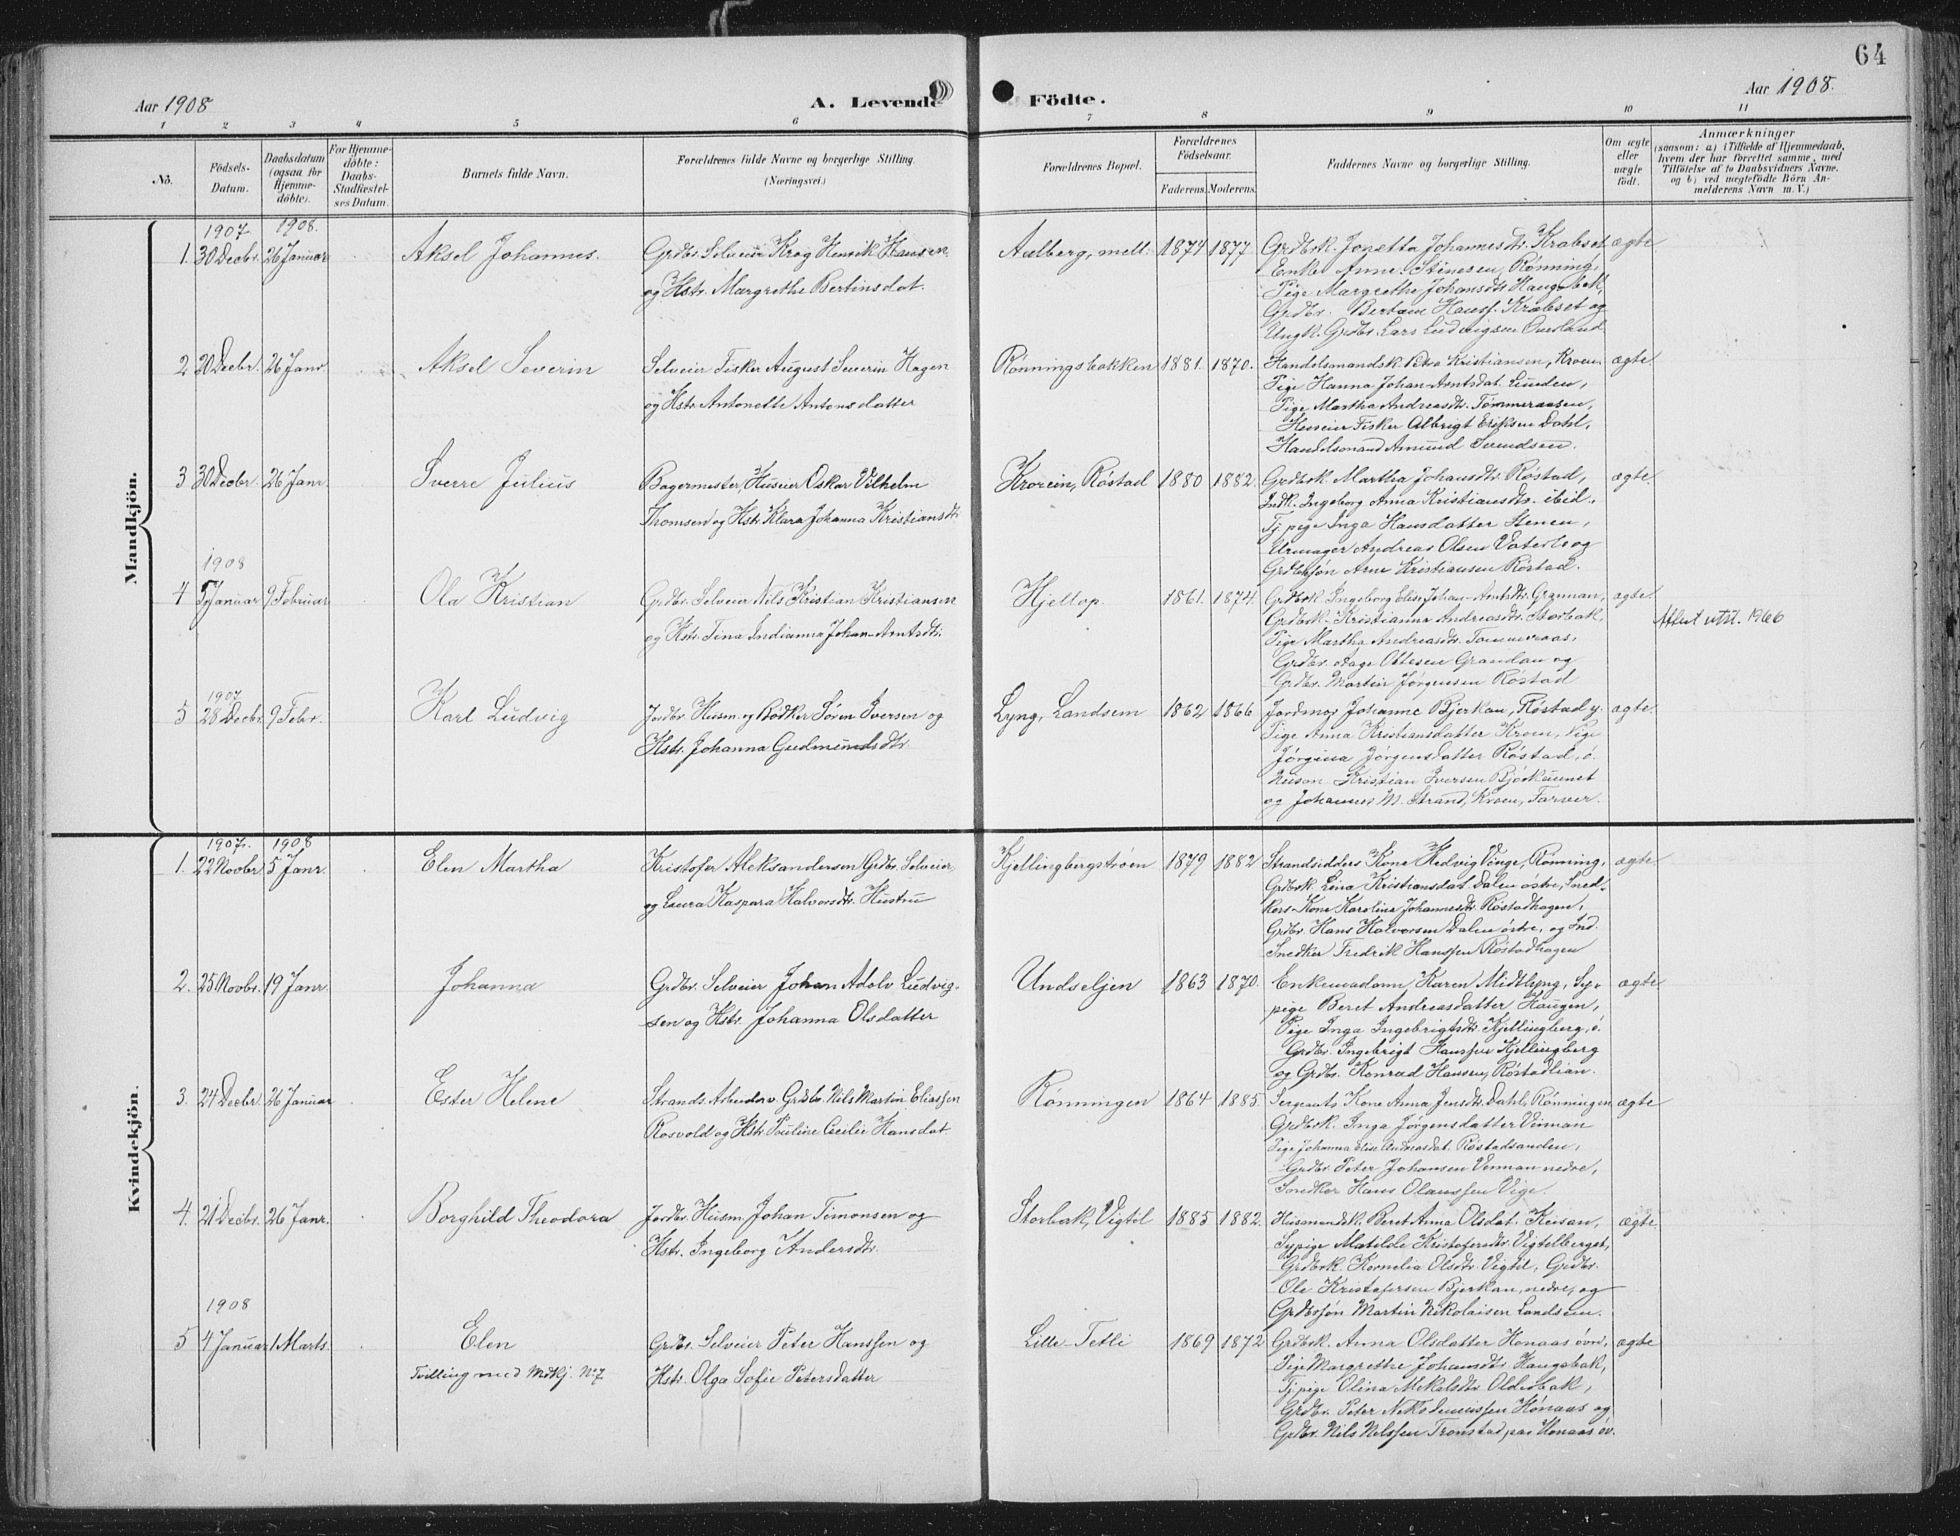 SAT, Ministerialprotokoller, klokkerbøker og fødselsregistre - Nord-Trøndelag, 701/L0011: Ministerialbok nr. 701A11, 1899-1915, s. 64